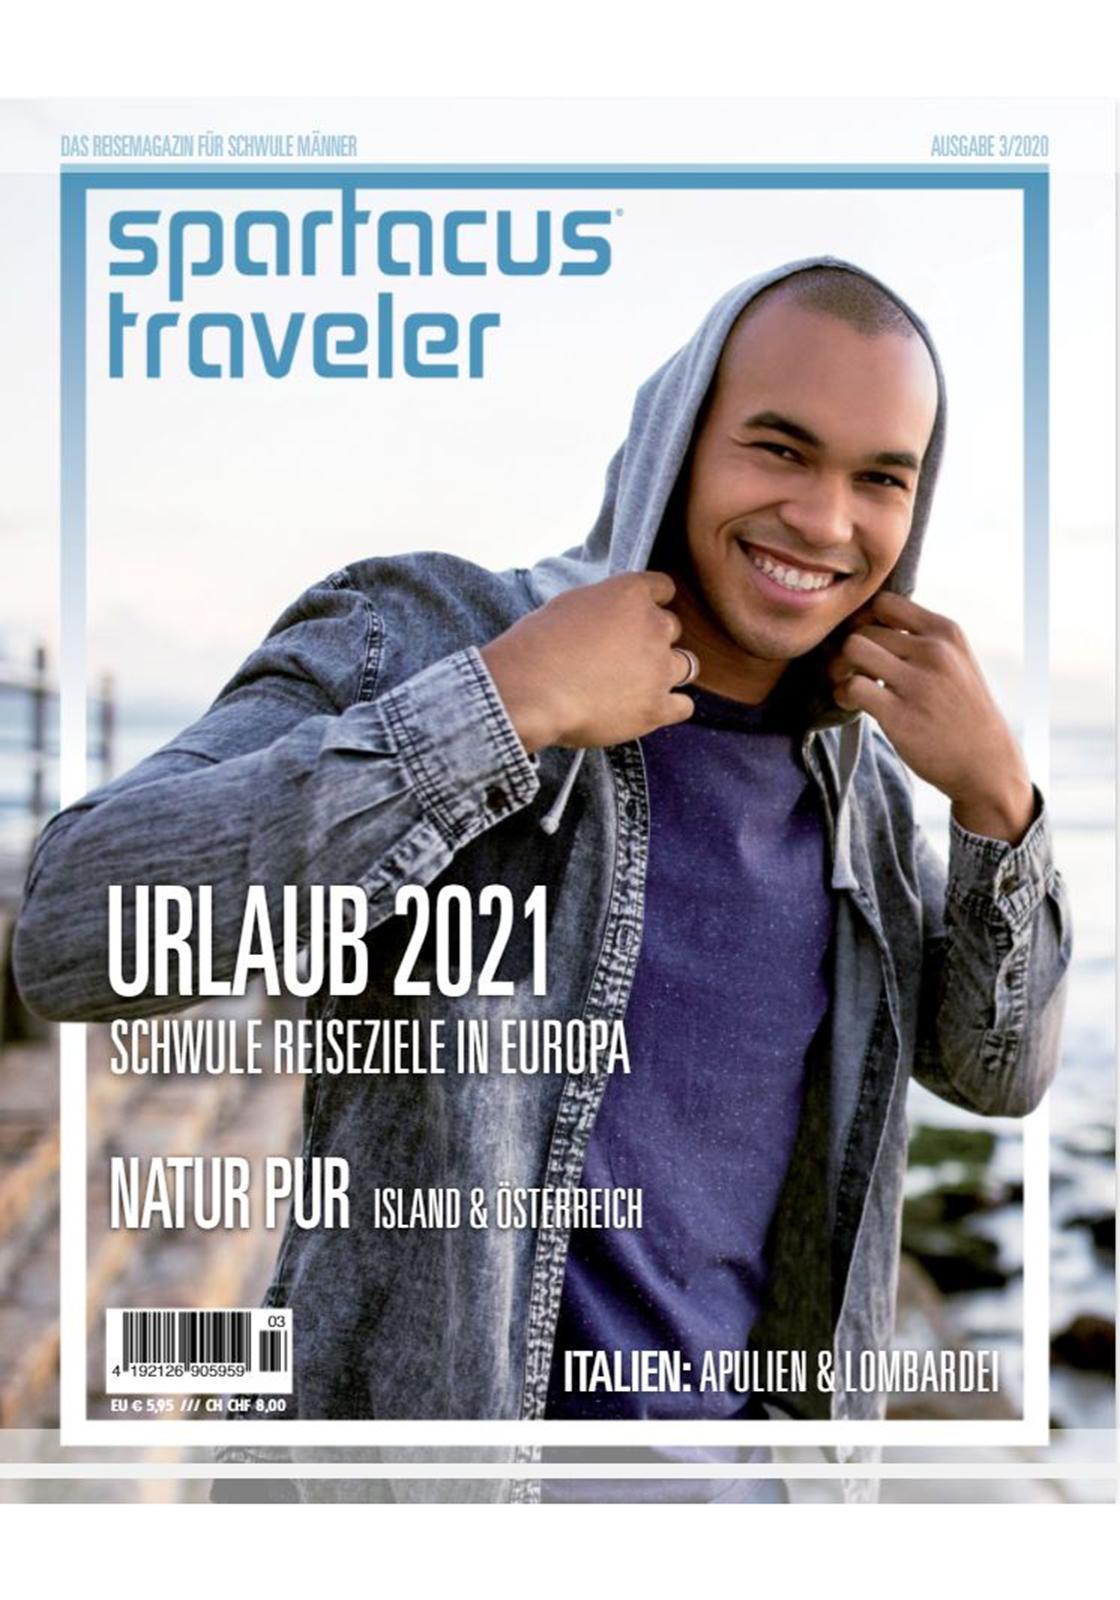 spartacus traveler 3/2020